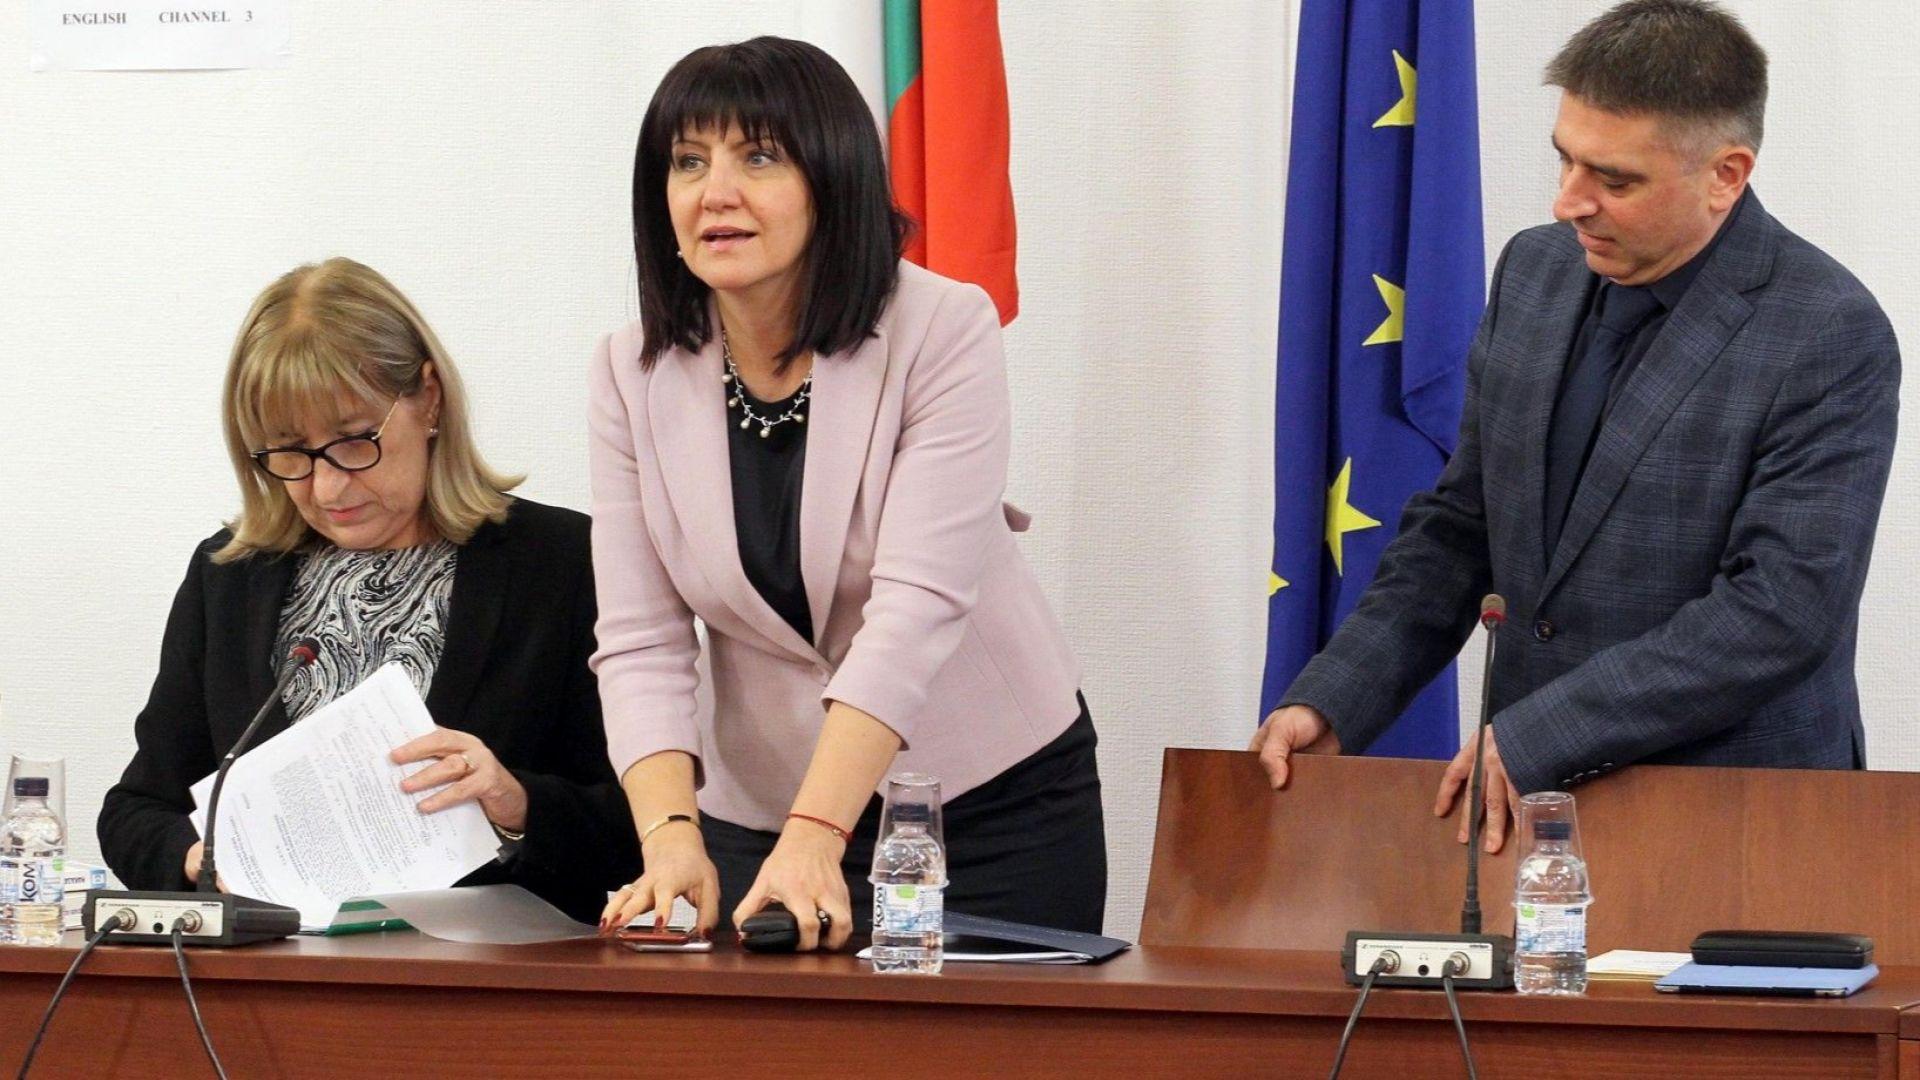 Цвета Караянчева: Едно зло броди из България - насилието над деца и жени